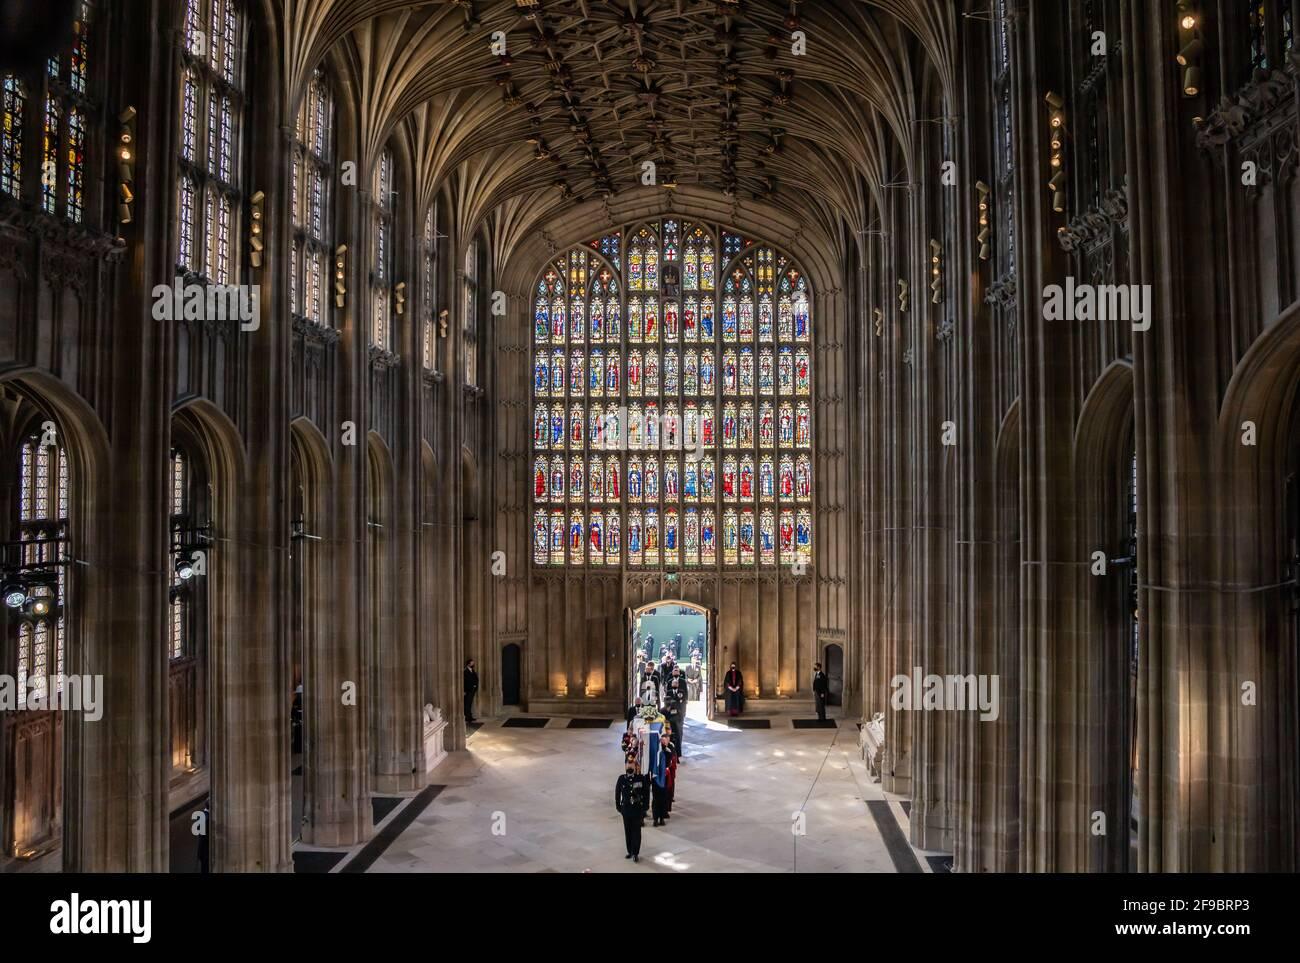 Pall-Träger tragen den Sarg des Herzogs von Edinburgh, gefolgt von Mitgliedern der königlichen Familie, die die St. George's Chapel, Windsor Castle, Berkshire, betreten. Bilddatum: Samstag, 17. April 2021. Stockfoto